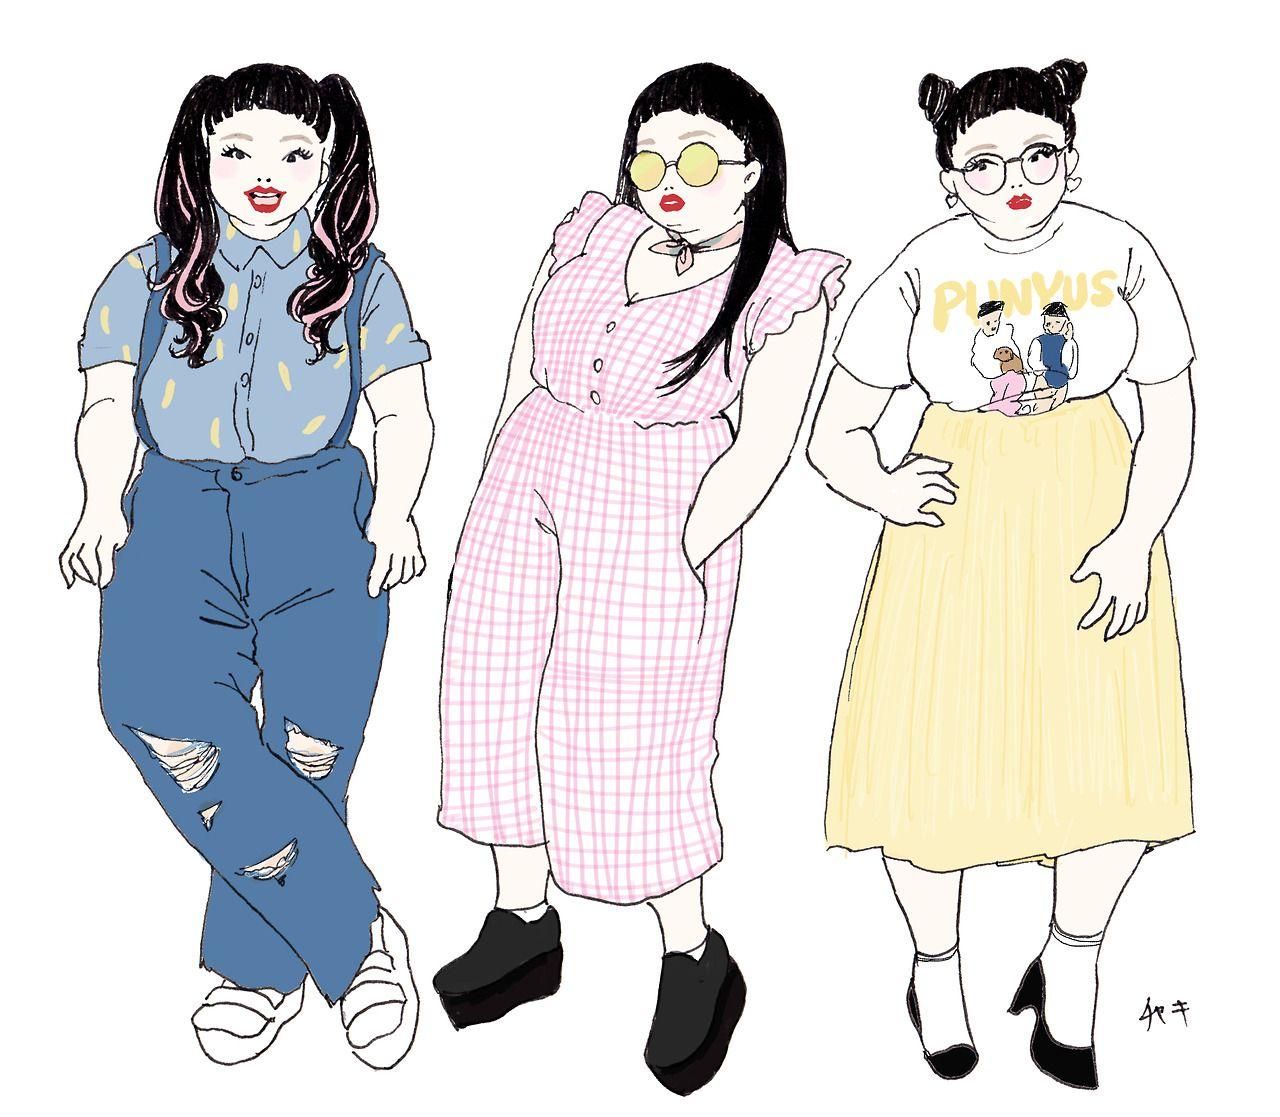 似顔絵 渡辺直美 Watanabe Naomi アートポップ イラスト 水彩画 女の子